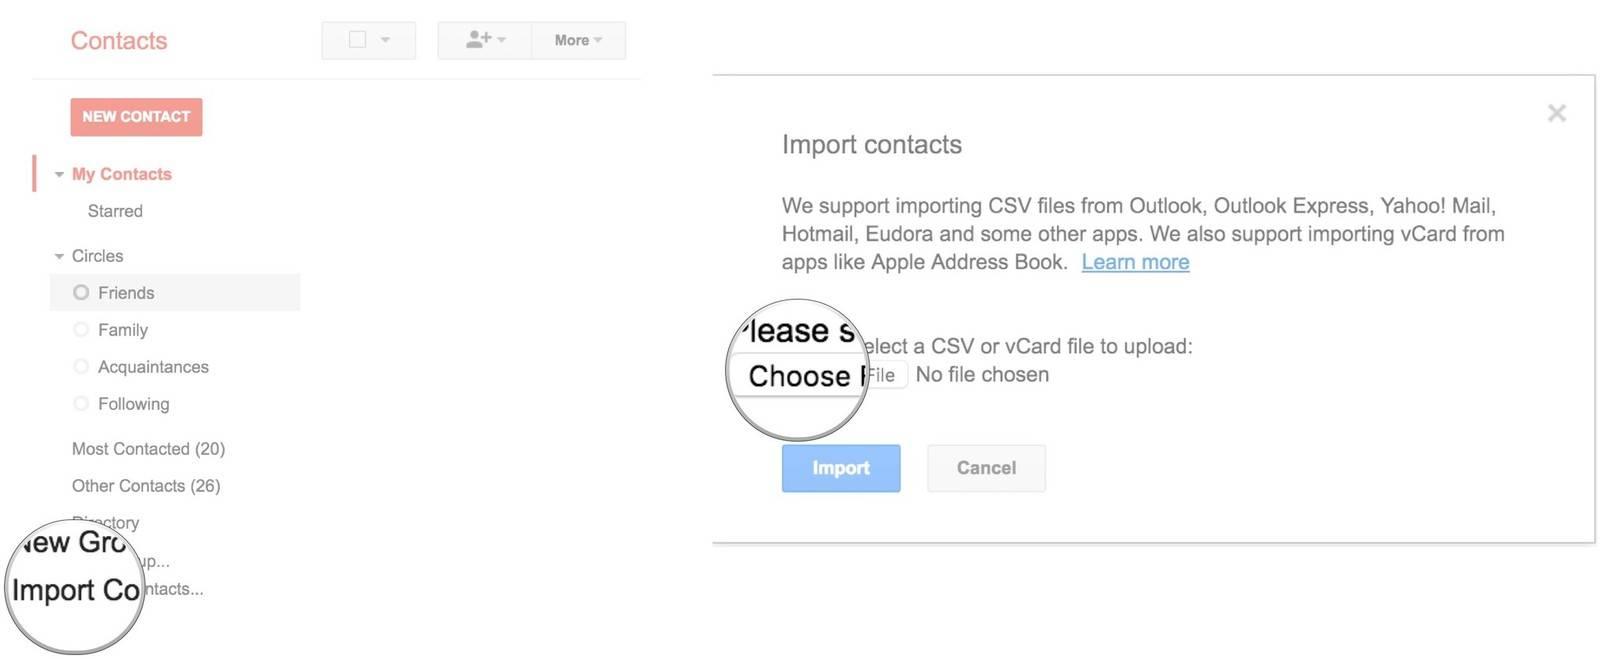 روش import کردن مخاطبین با استفاده از Google Contacts,روشتک,raveshtech